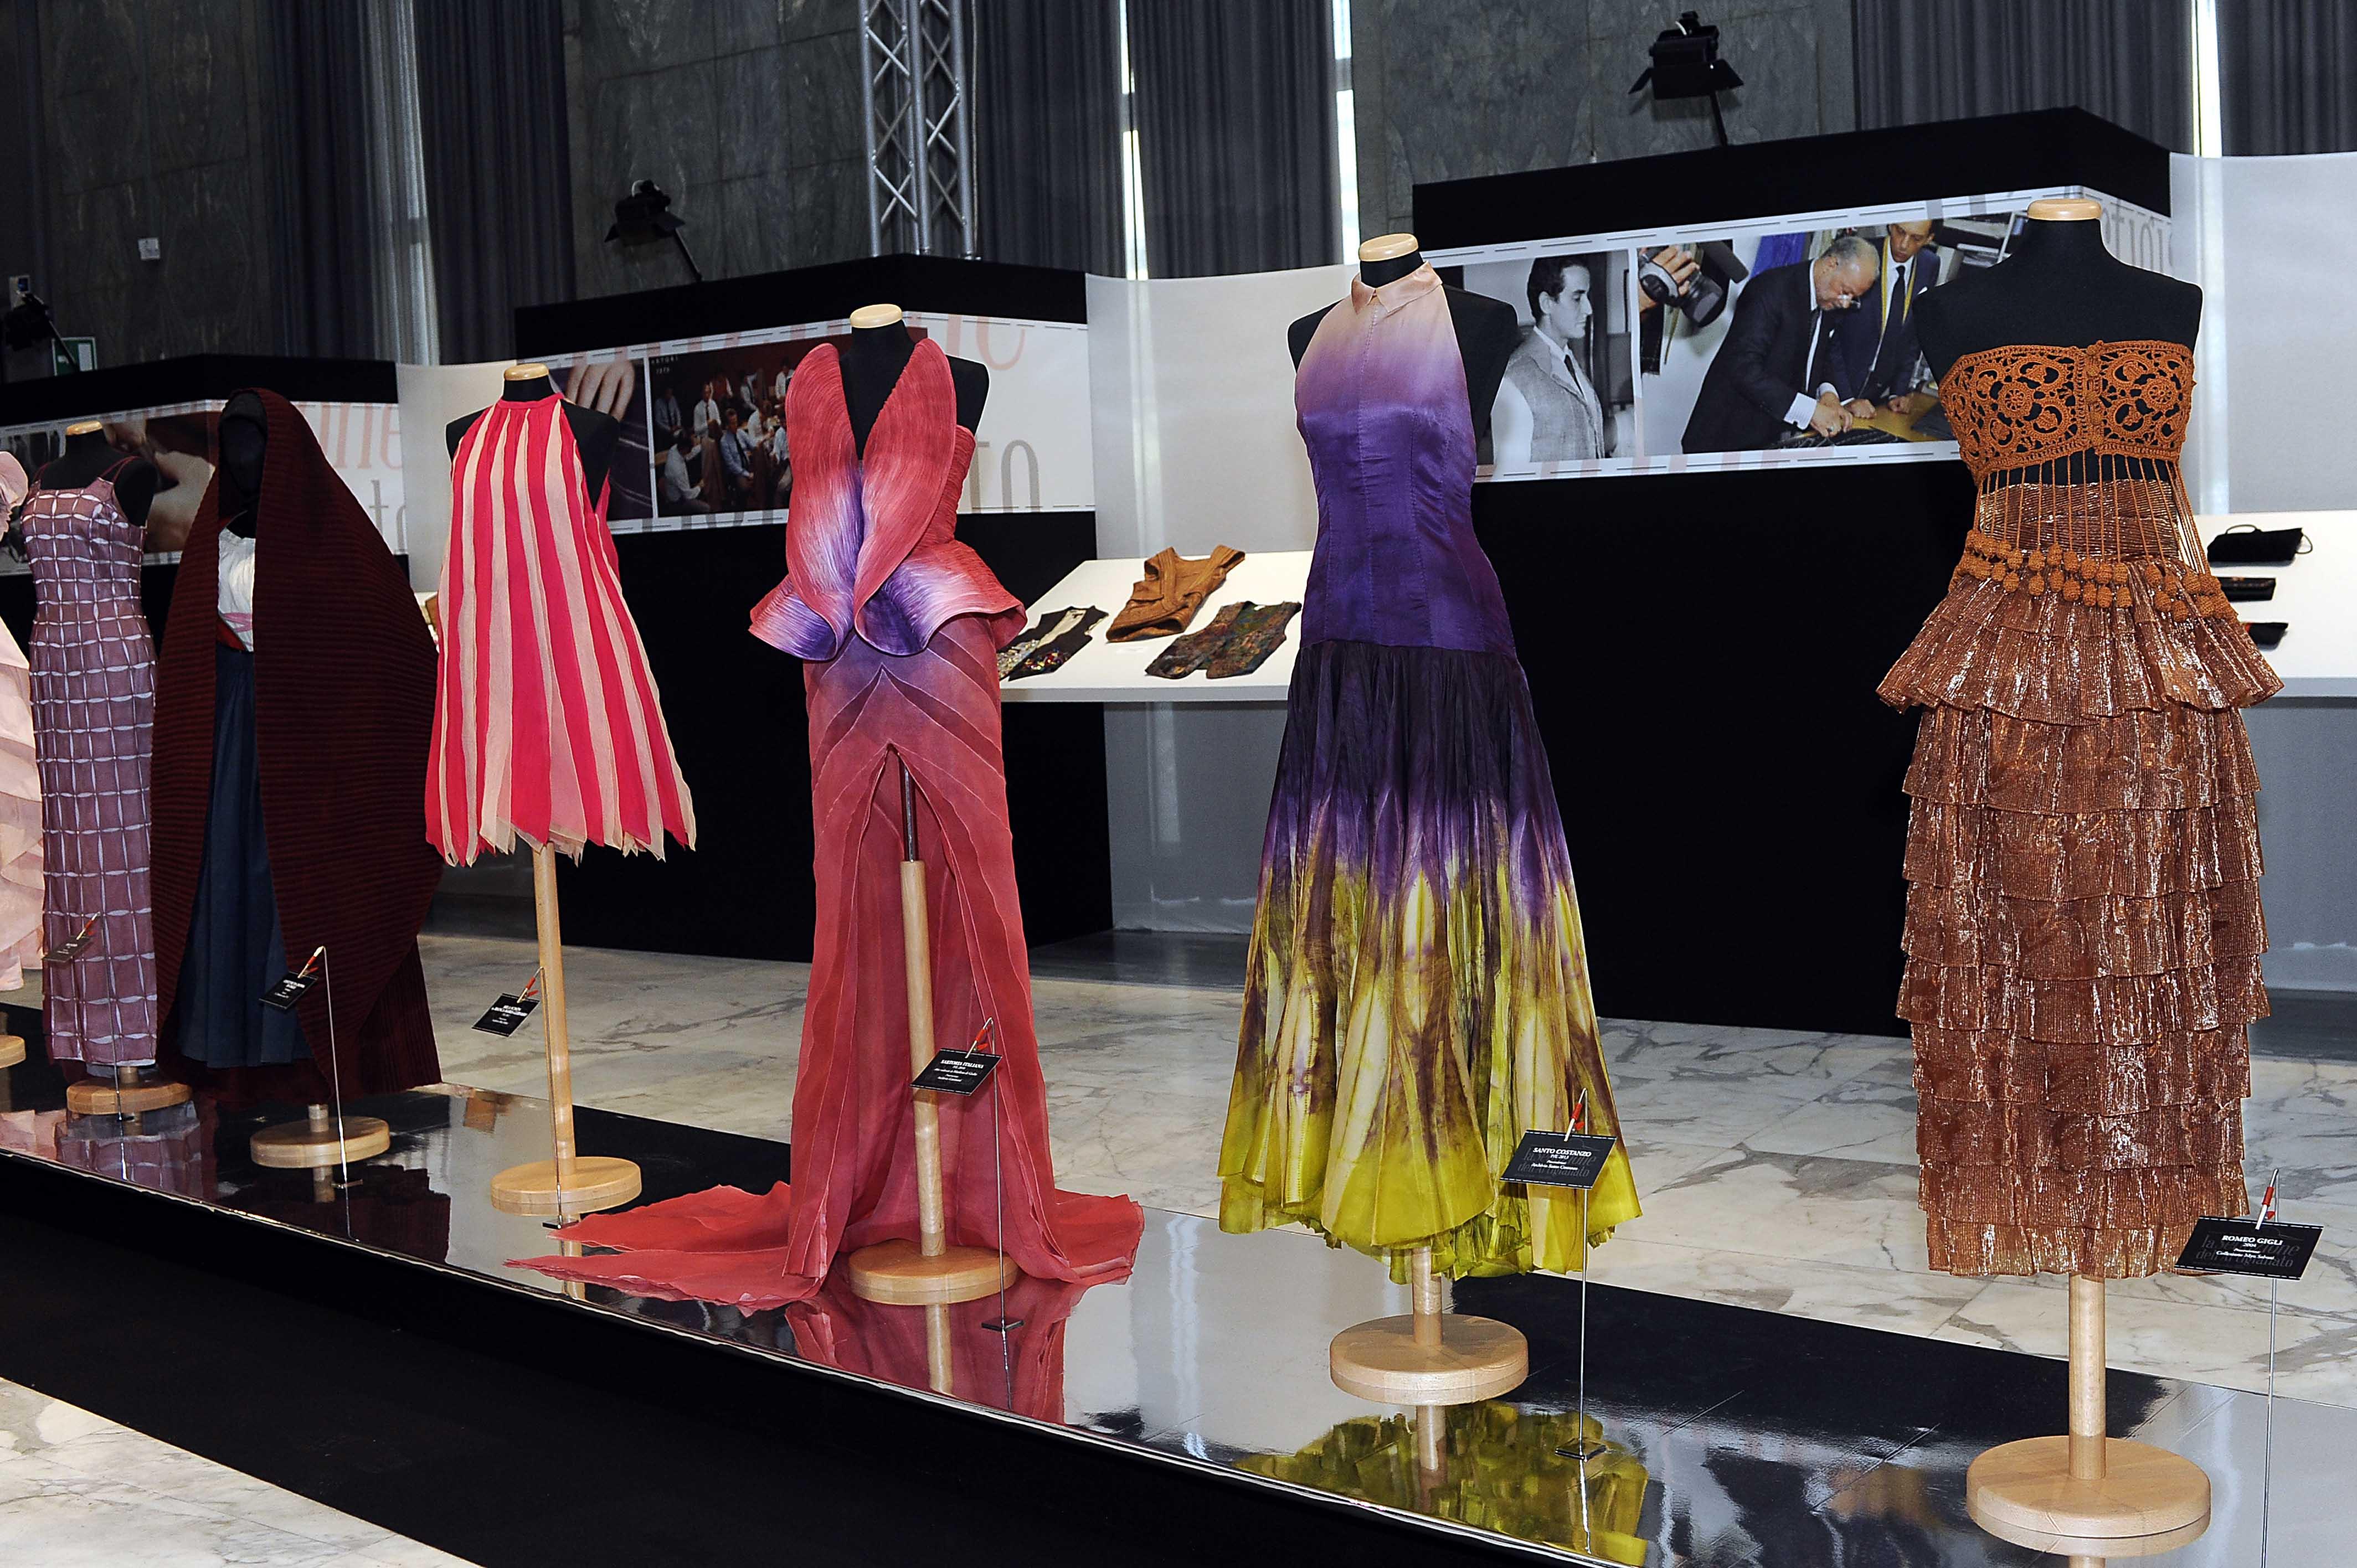 In mostra a roma la seduzione dell artigianato trendstoday for Tradizioni di roma